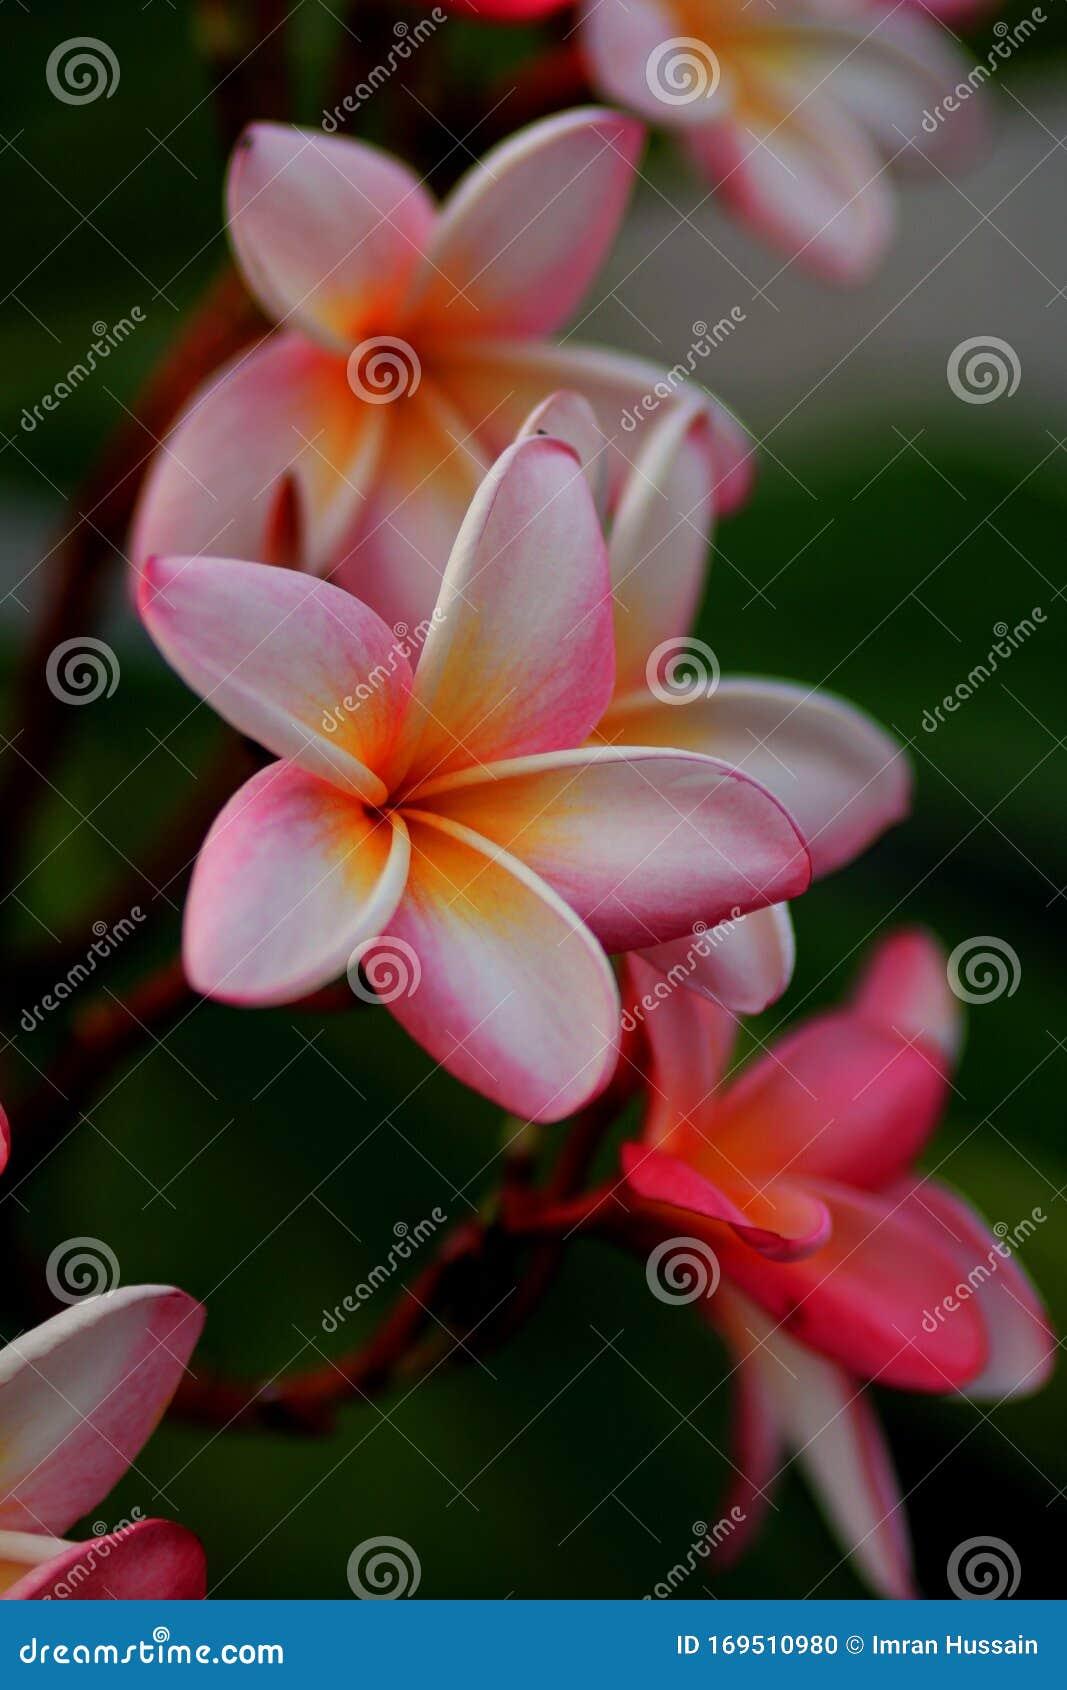 galamb, galamblevegő, természet, levél növényen, növény, fa, kert